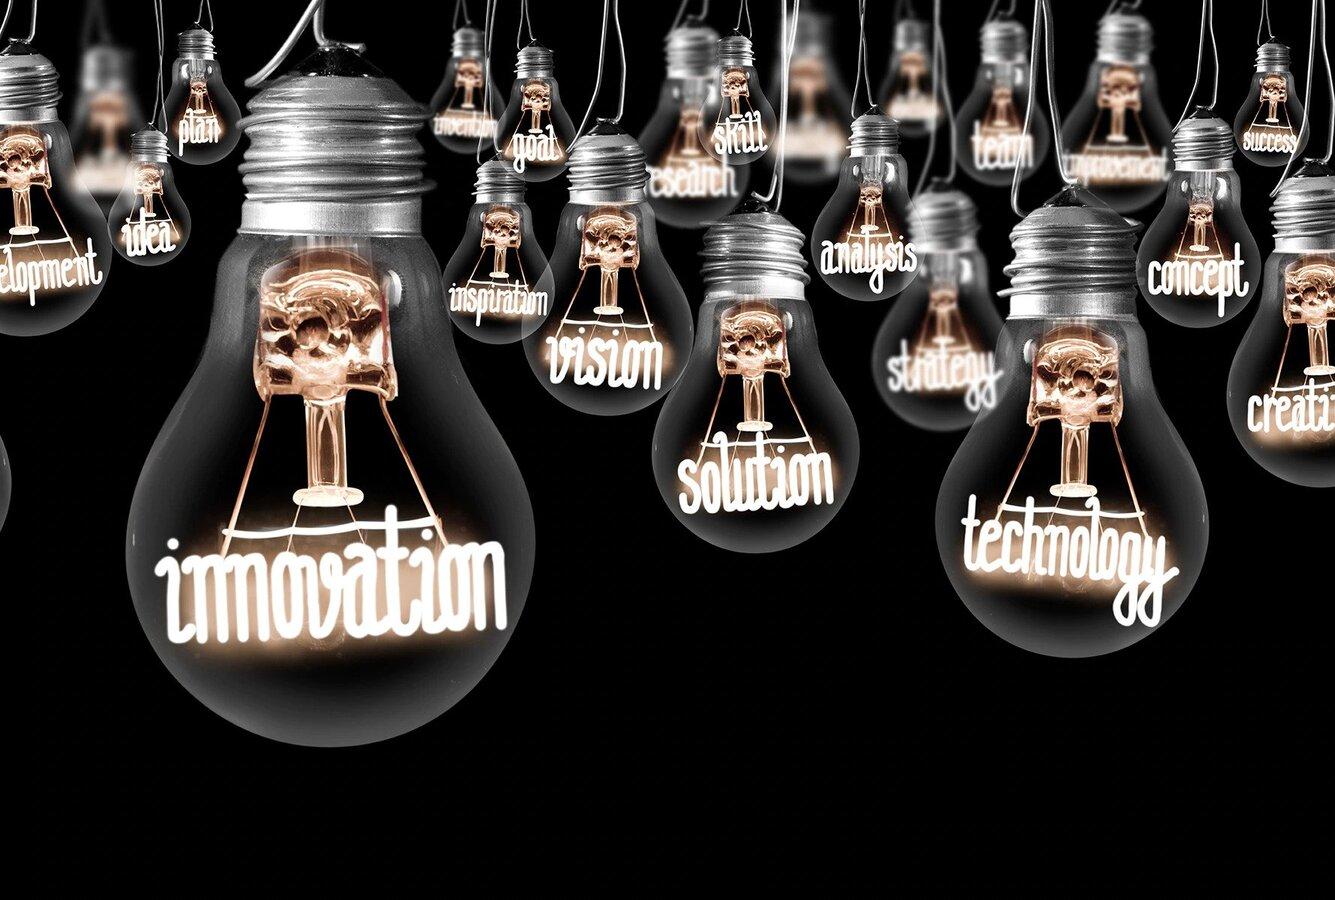 Multiple lightbulbs with innovation written inside